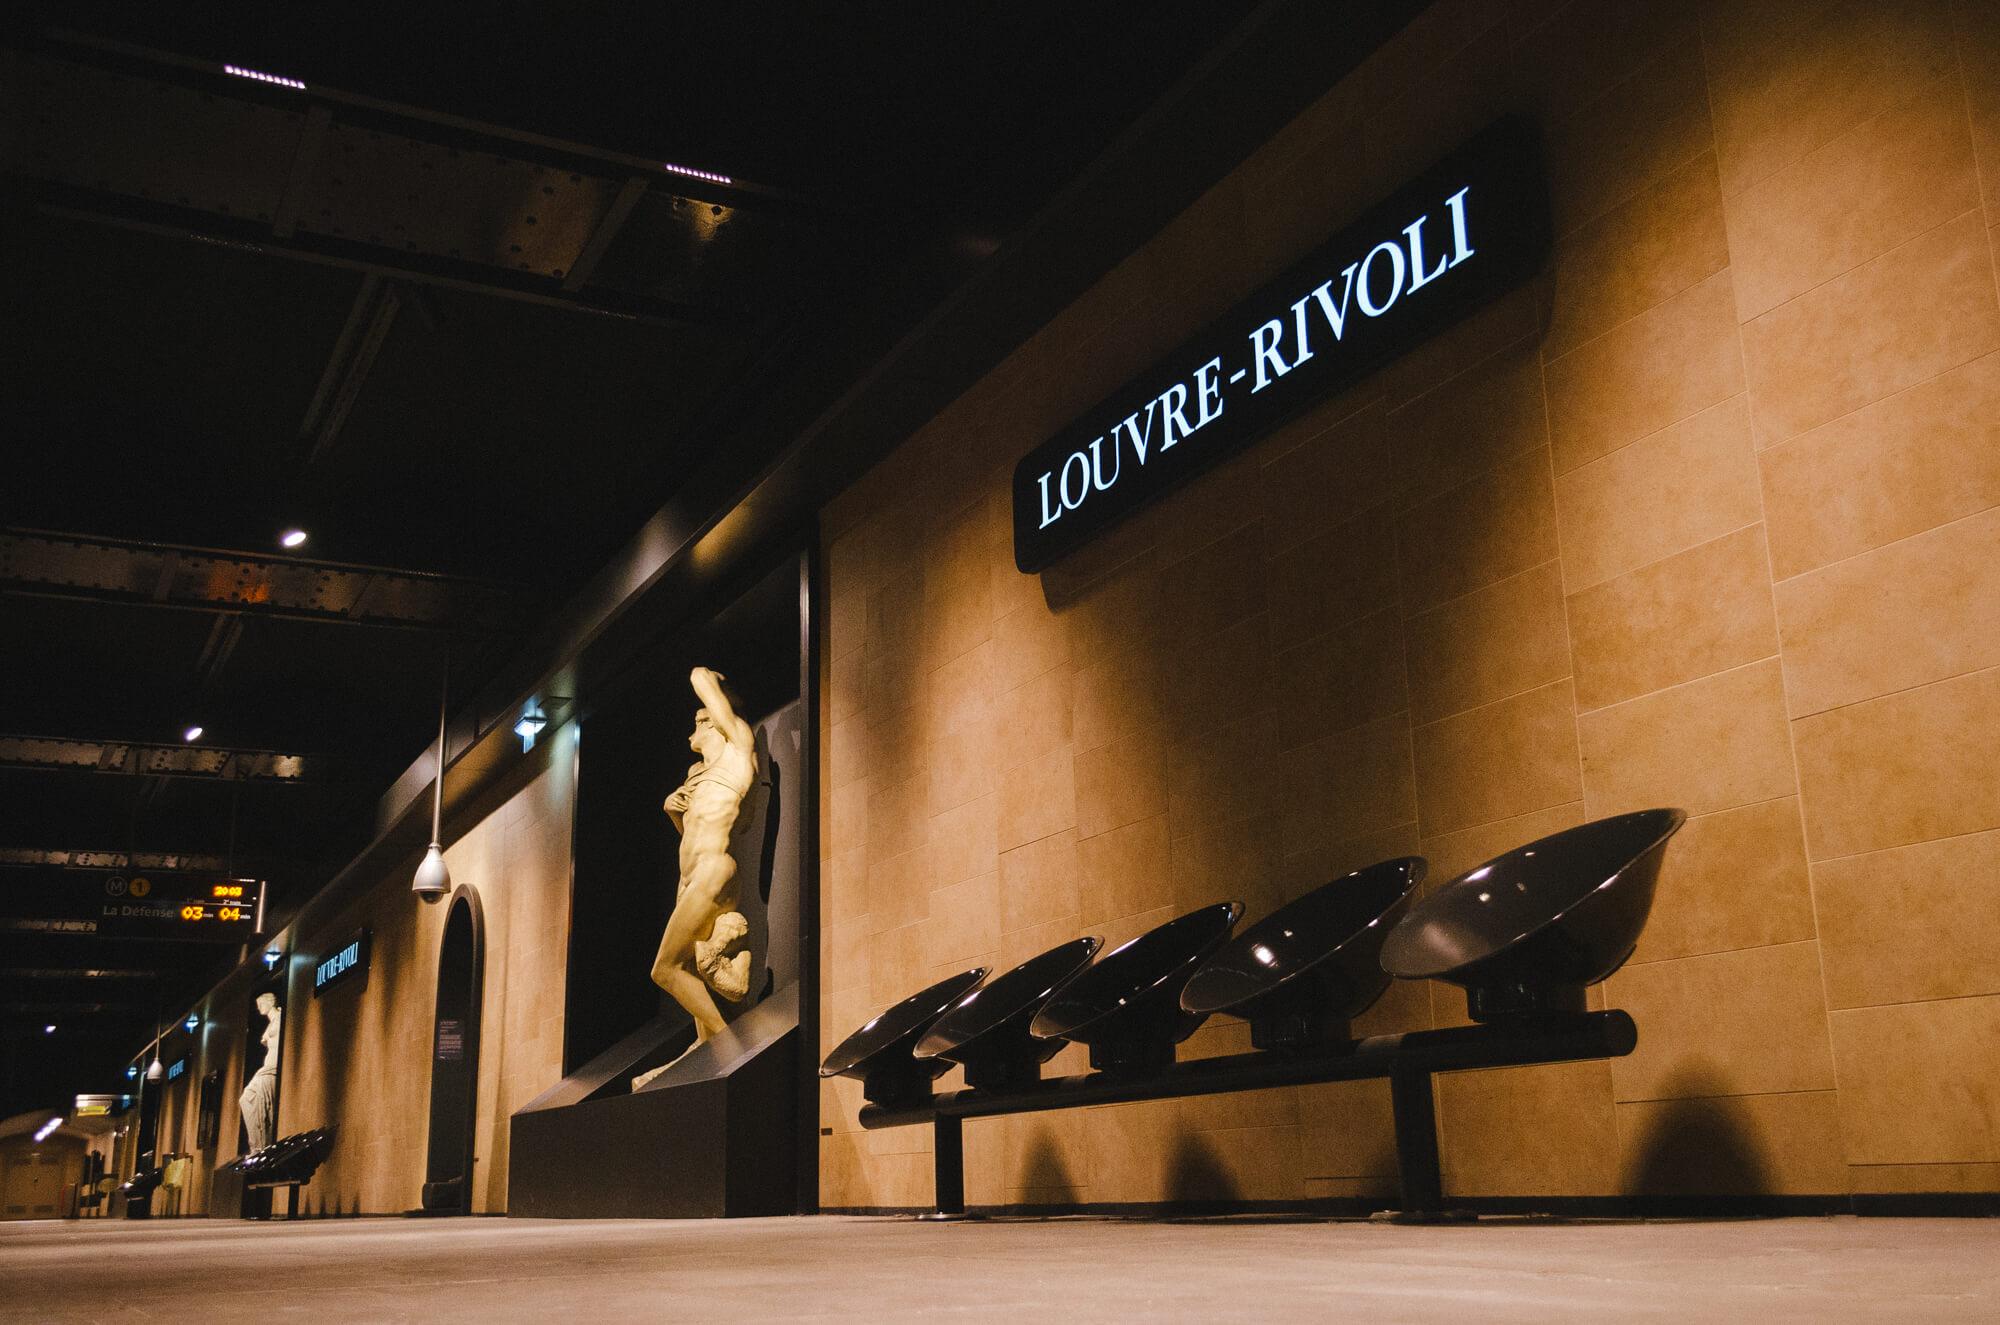 Louvre Rivoli